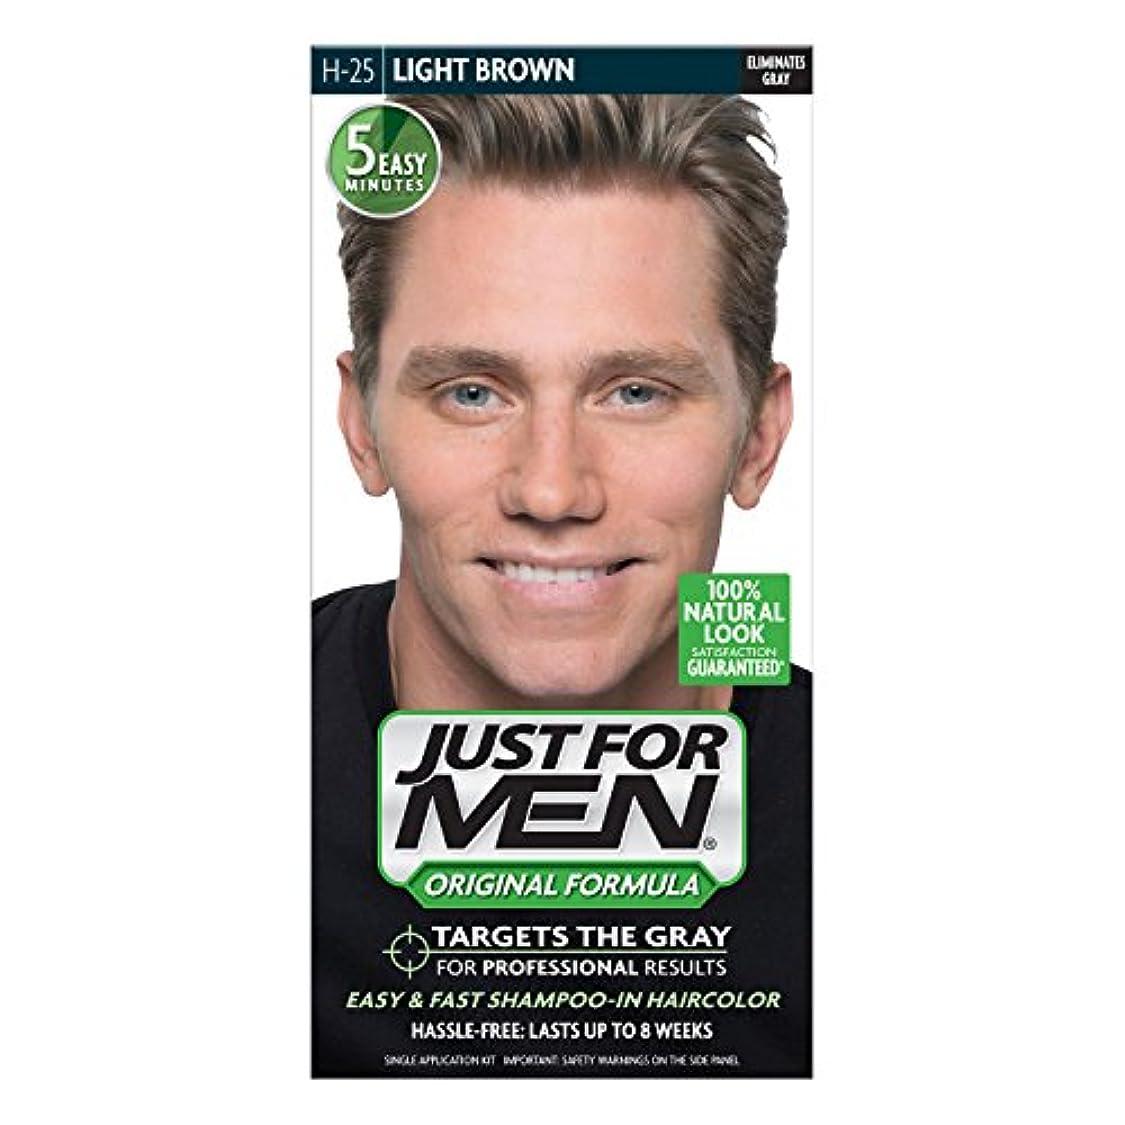 リズミカルな腐った変装Just For Men Shampoo-In Hair Color Light Brown # 25 1 Application (並行輸入品)